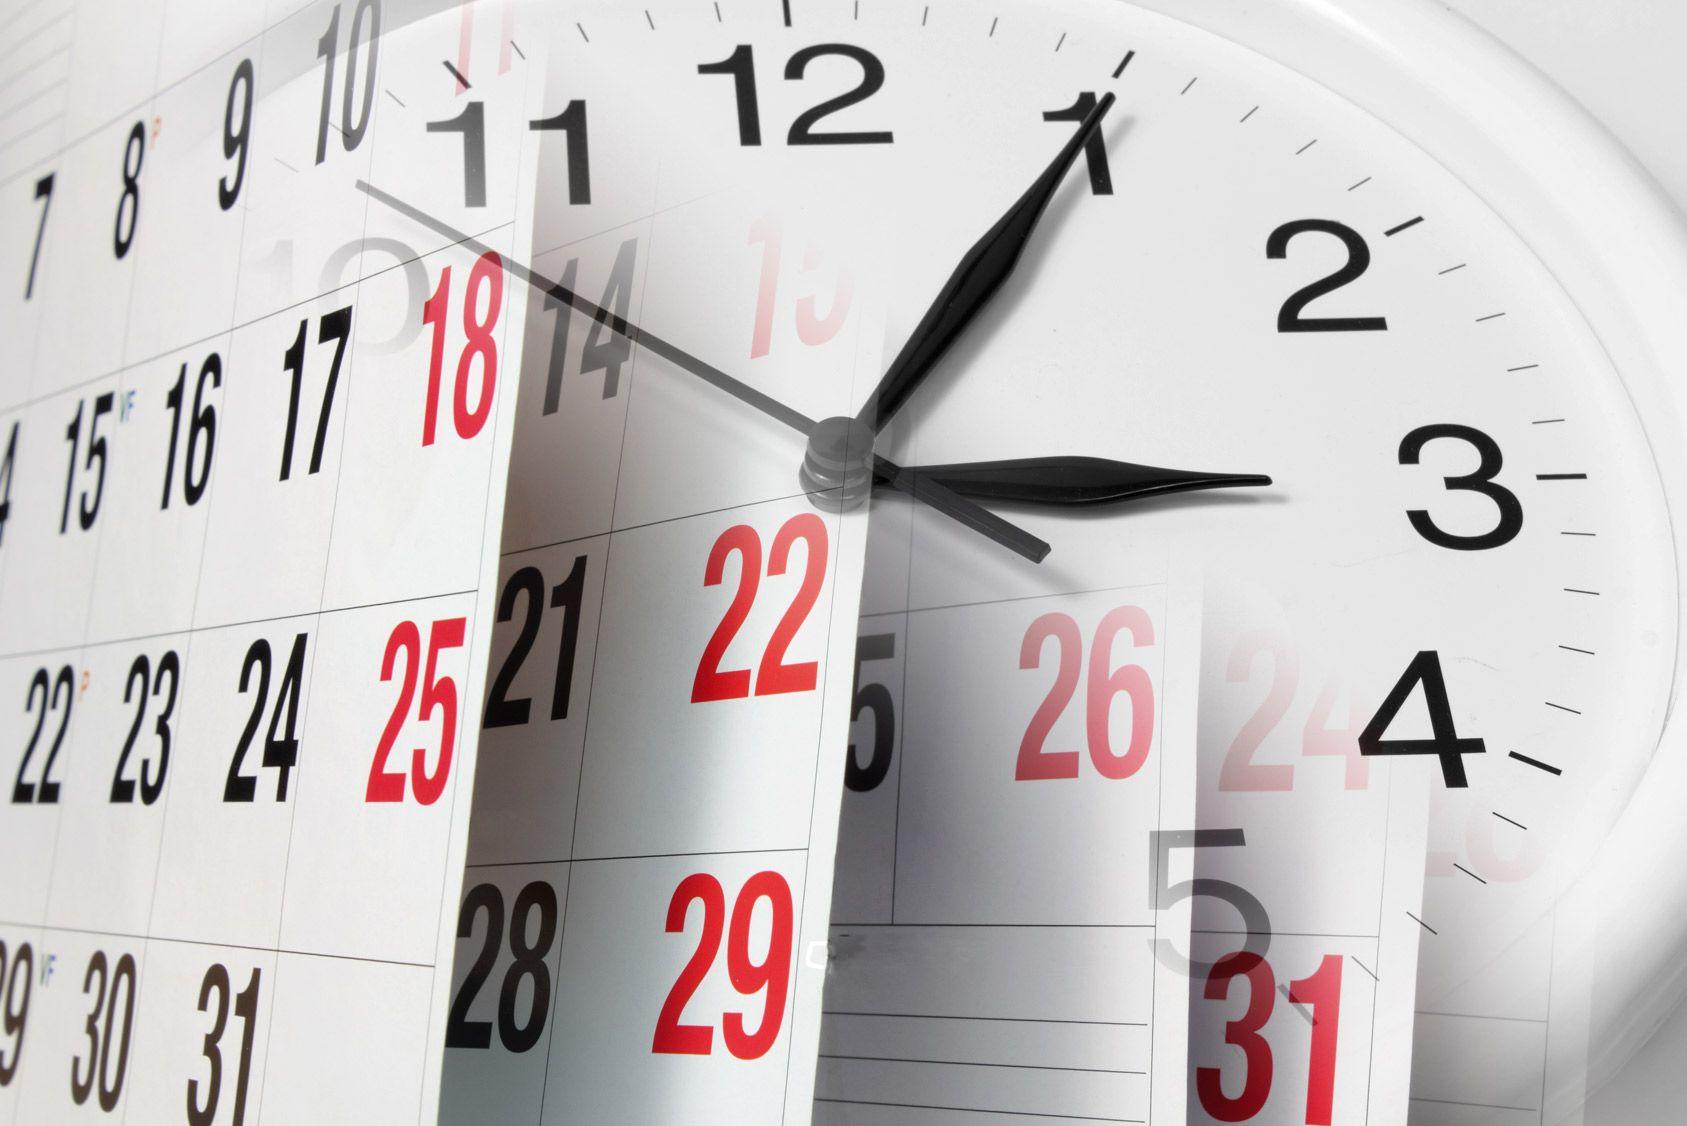 Vente sur plans: un délai non négociable